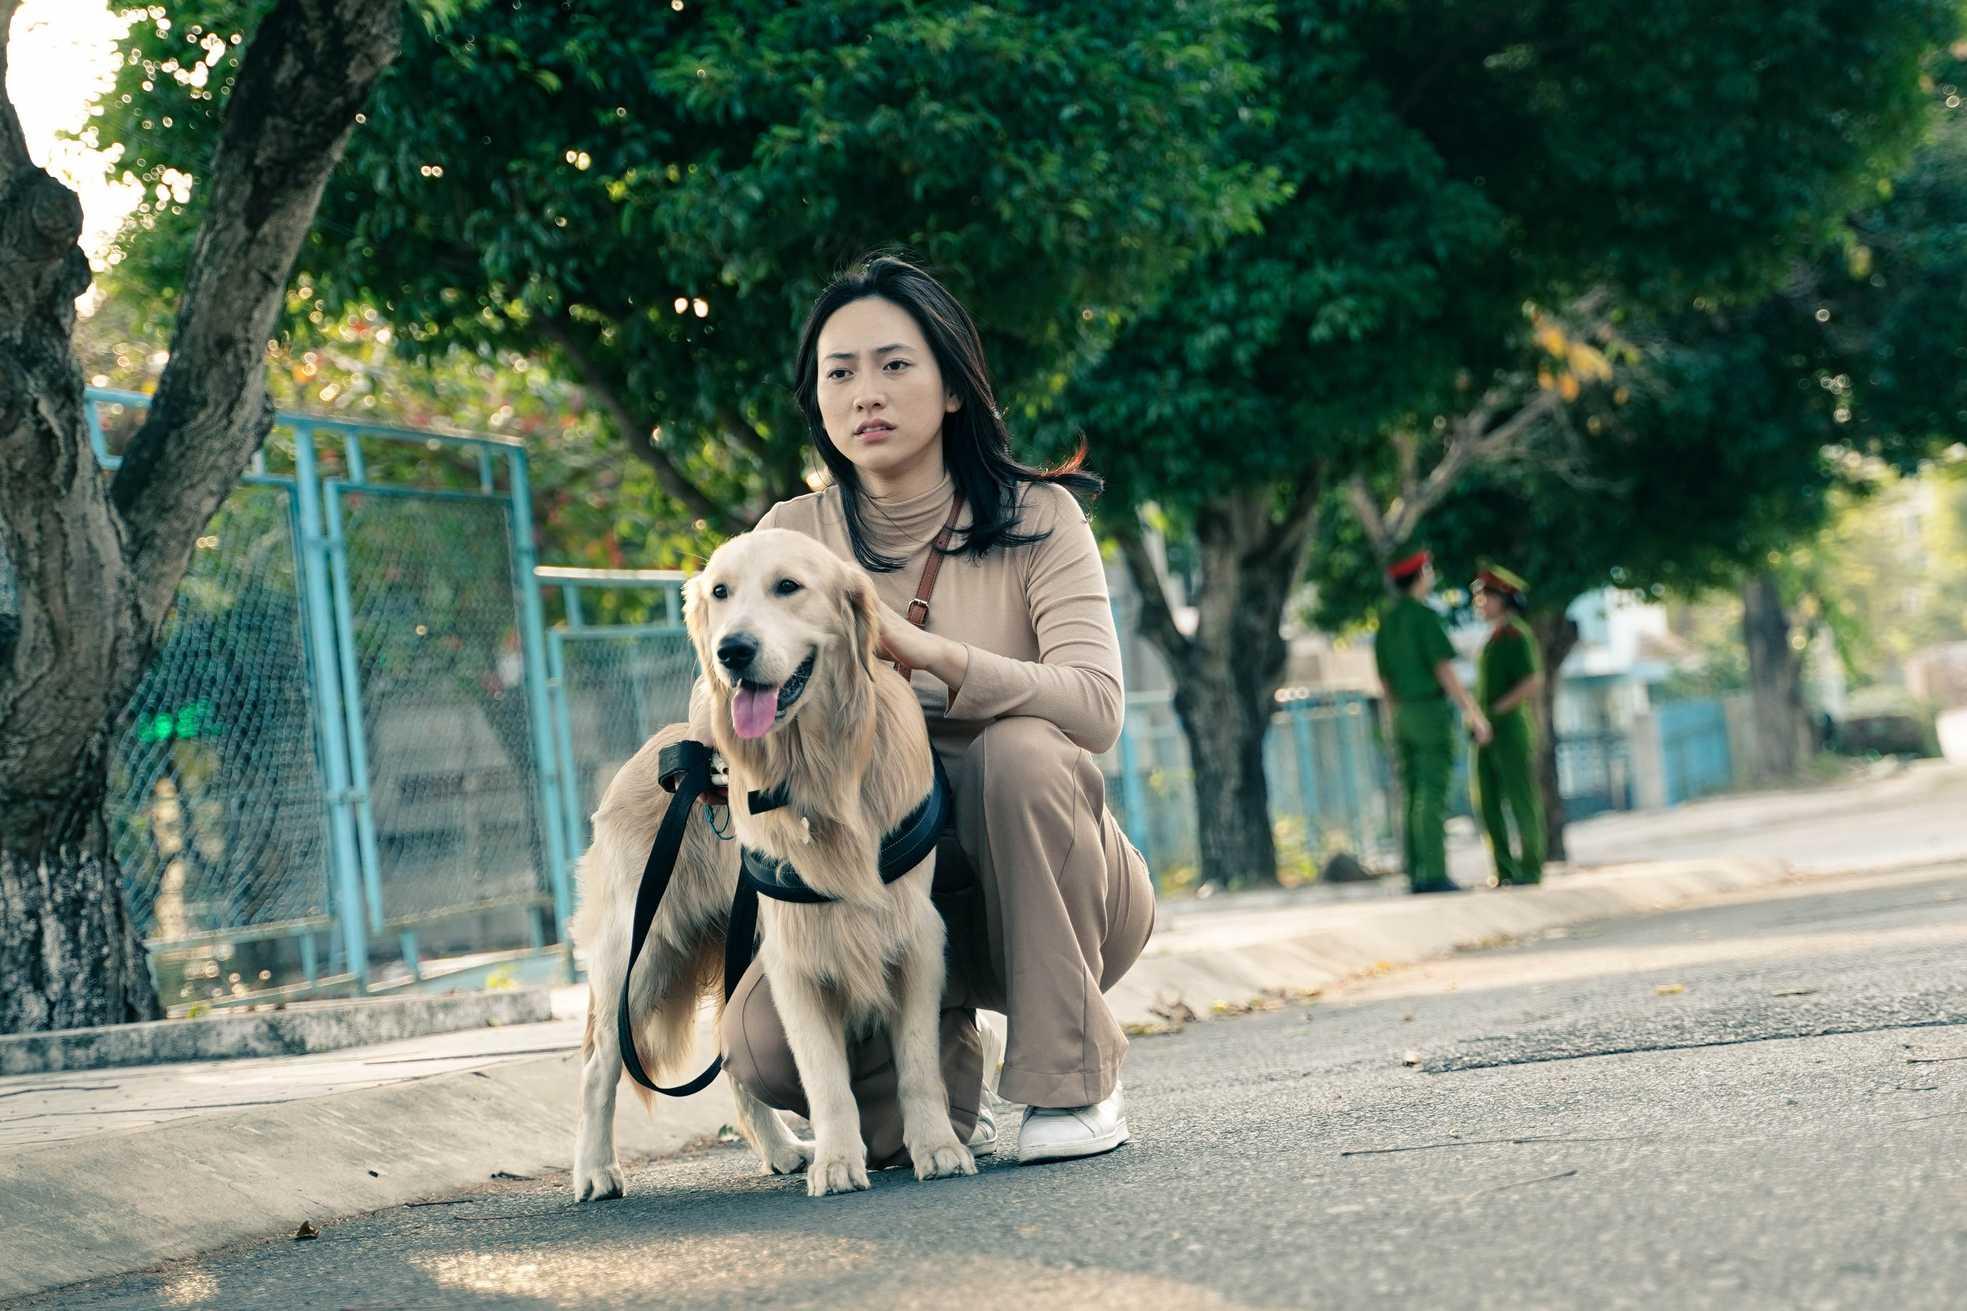 Vì sao 'Bằng chứng vô hình' - phim Việt đáng xem nhất hiện nay lại có doanh thu rất thấp?